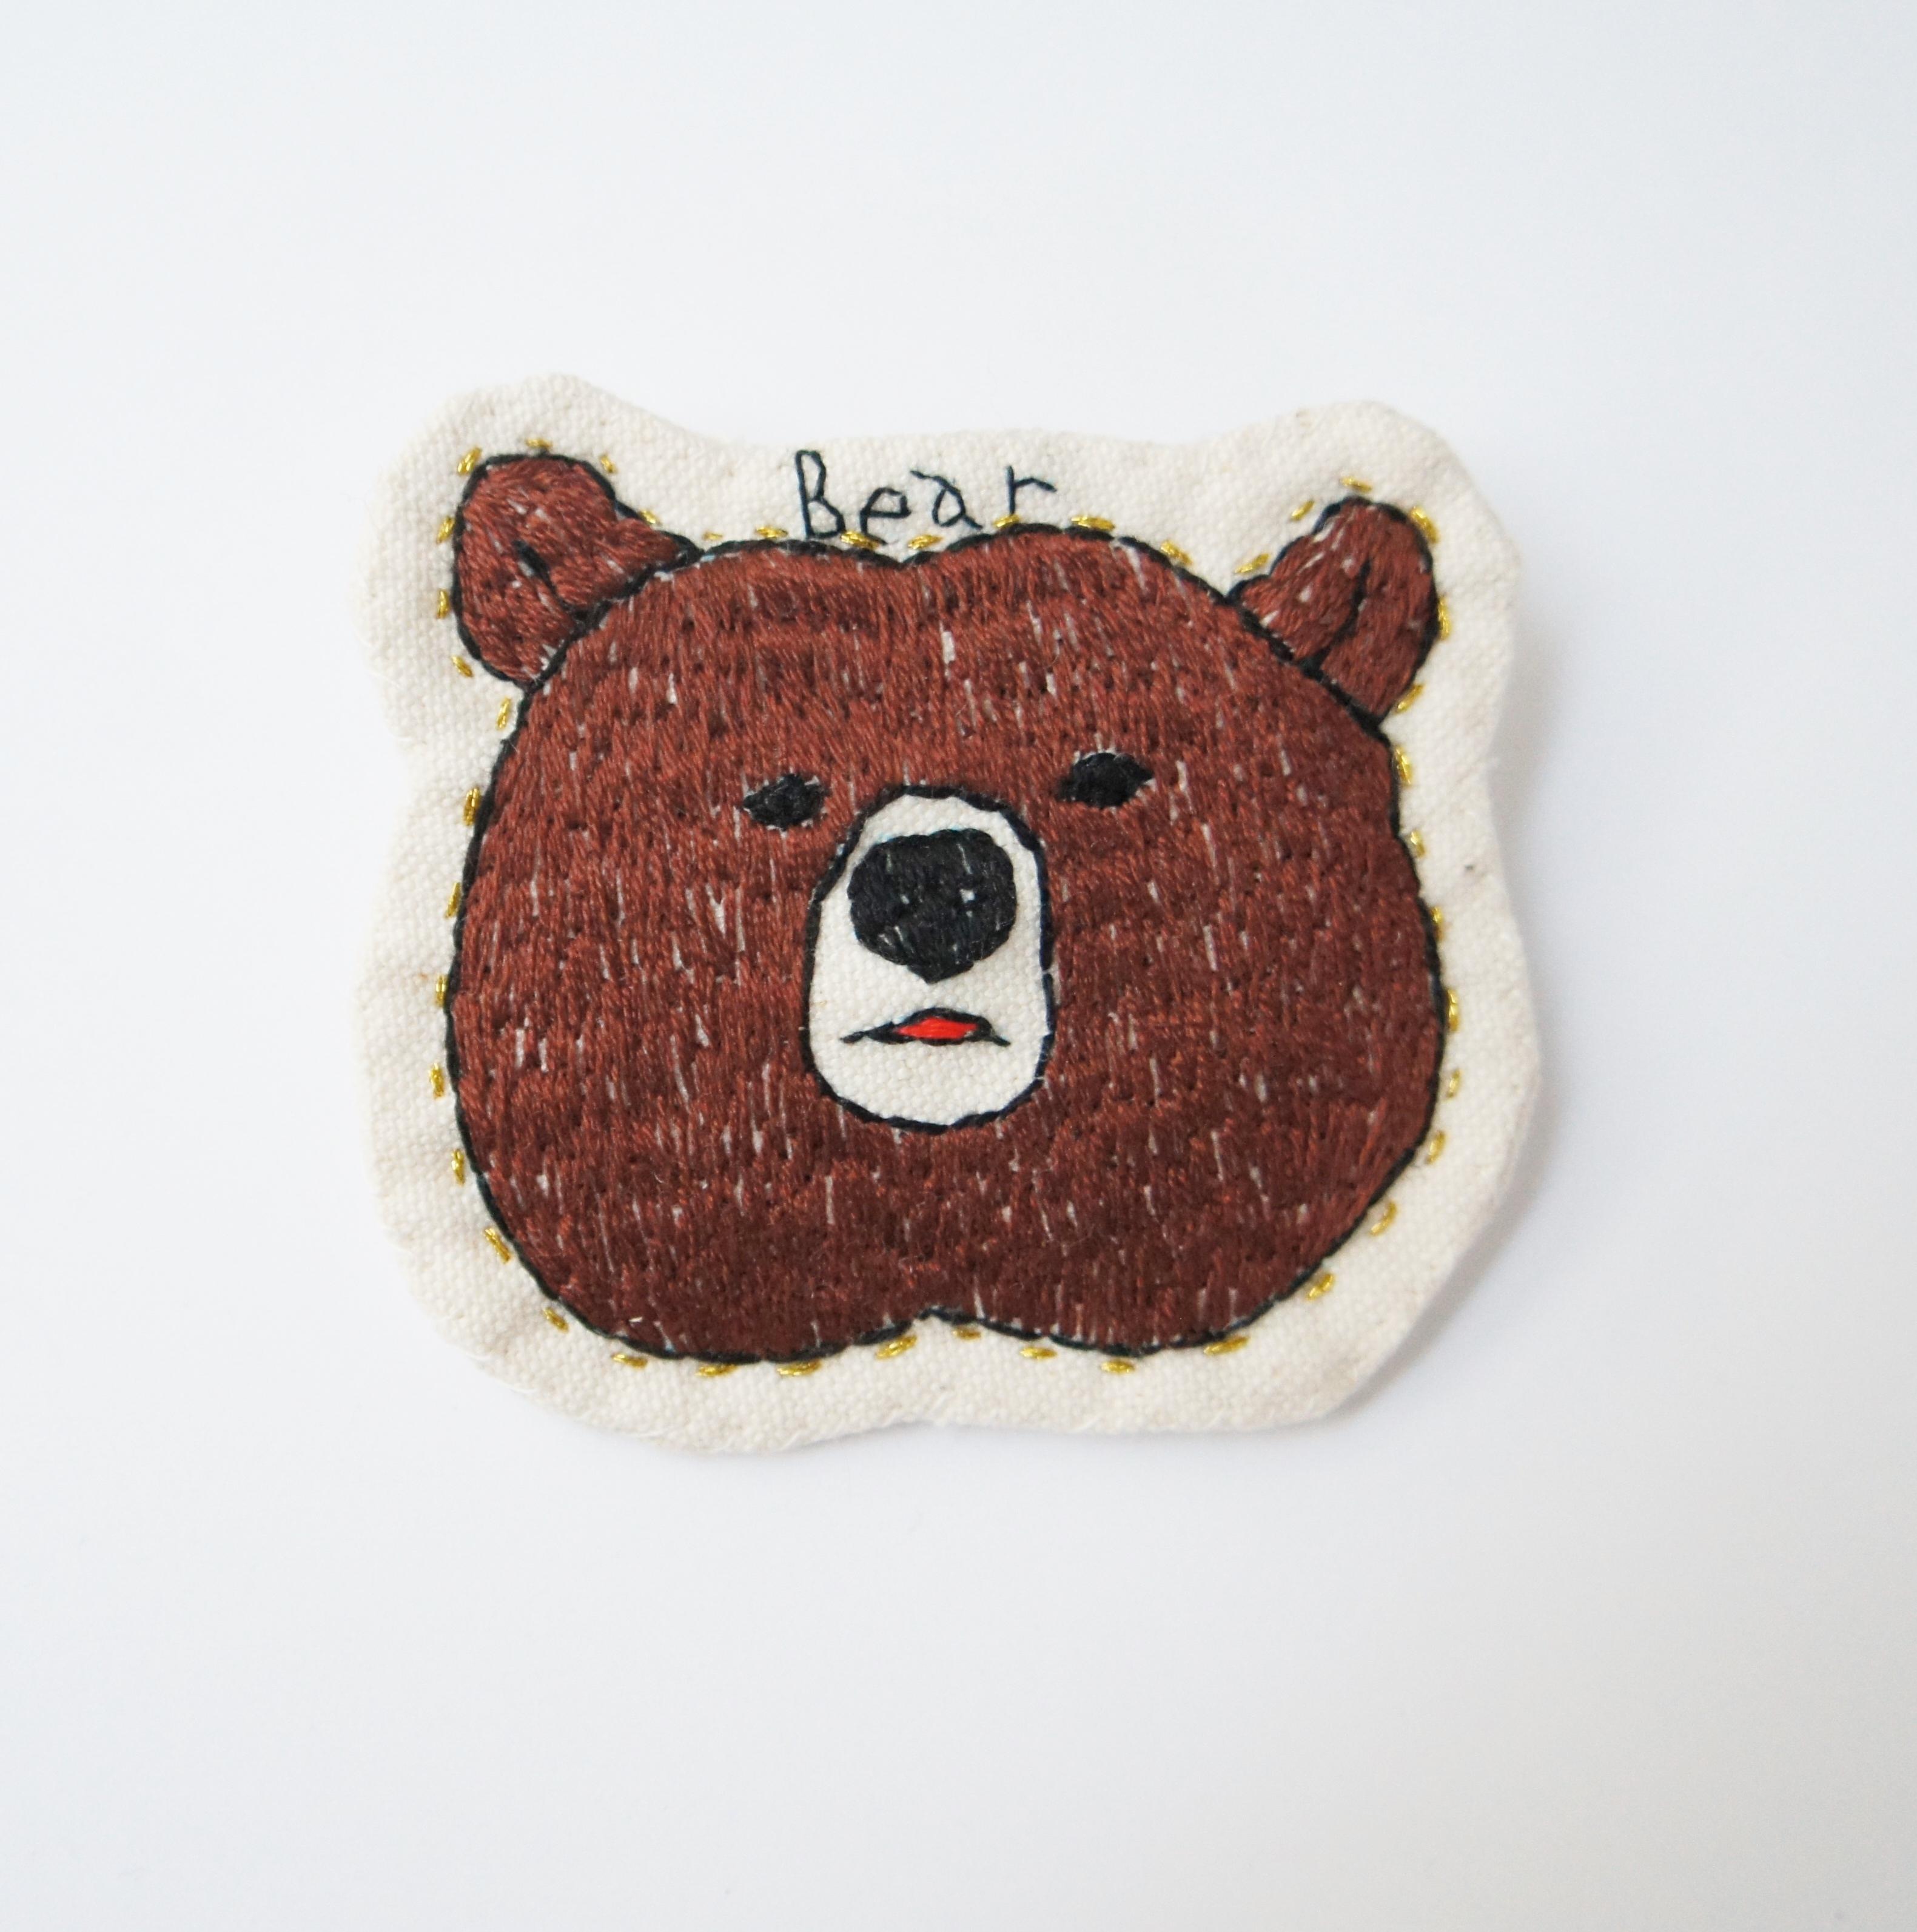 クマのハンドメイド刺繍ブローチ